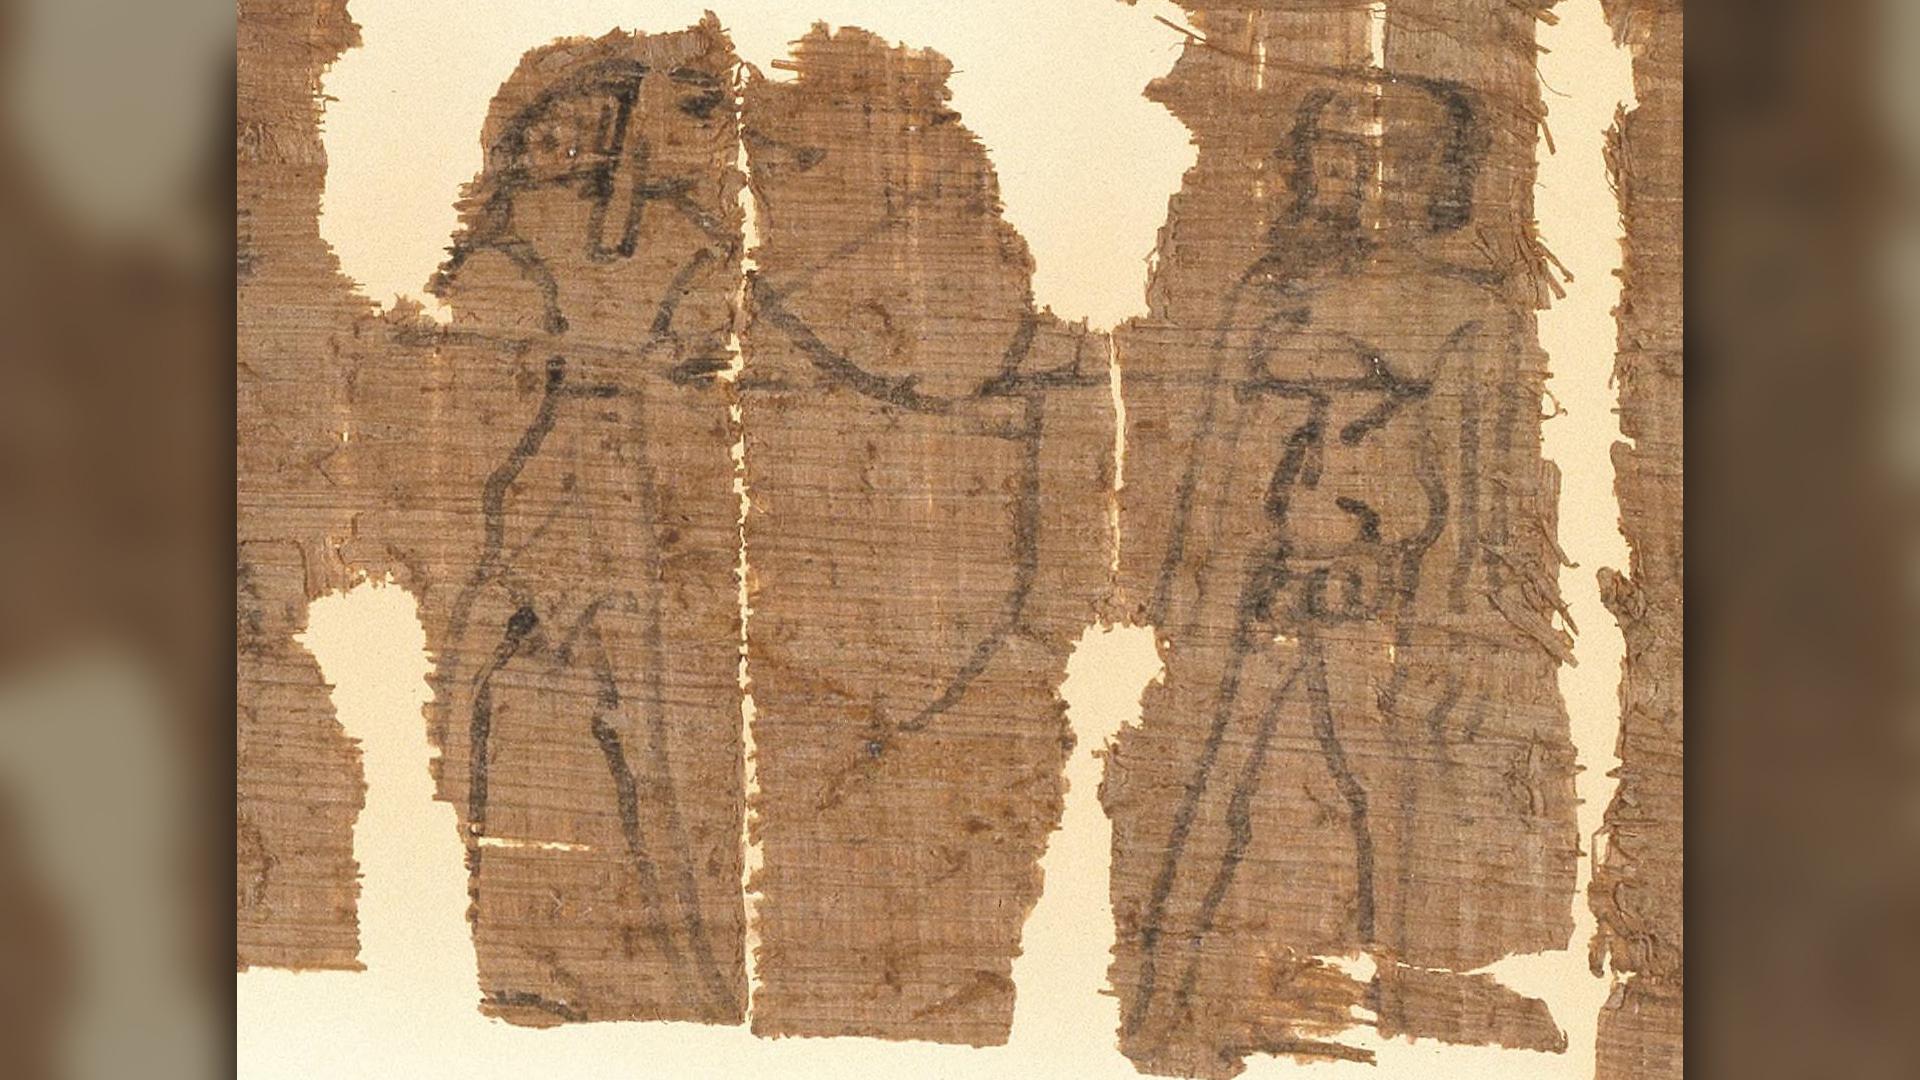 Un gros plan du papyrus montrant le dieu à tête de chacal égyptien Anubis tirant Kephalas avec une flèche.  Kephalas est représenté nu avec un pénis et un scrotum agrandis.  La flèche tirée par Anubis est censée rendre Kephalas lubrique pour une femme nommée Taromeway.